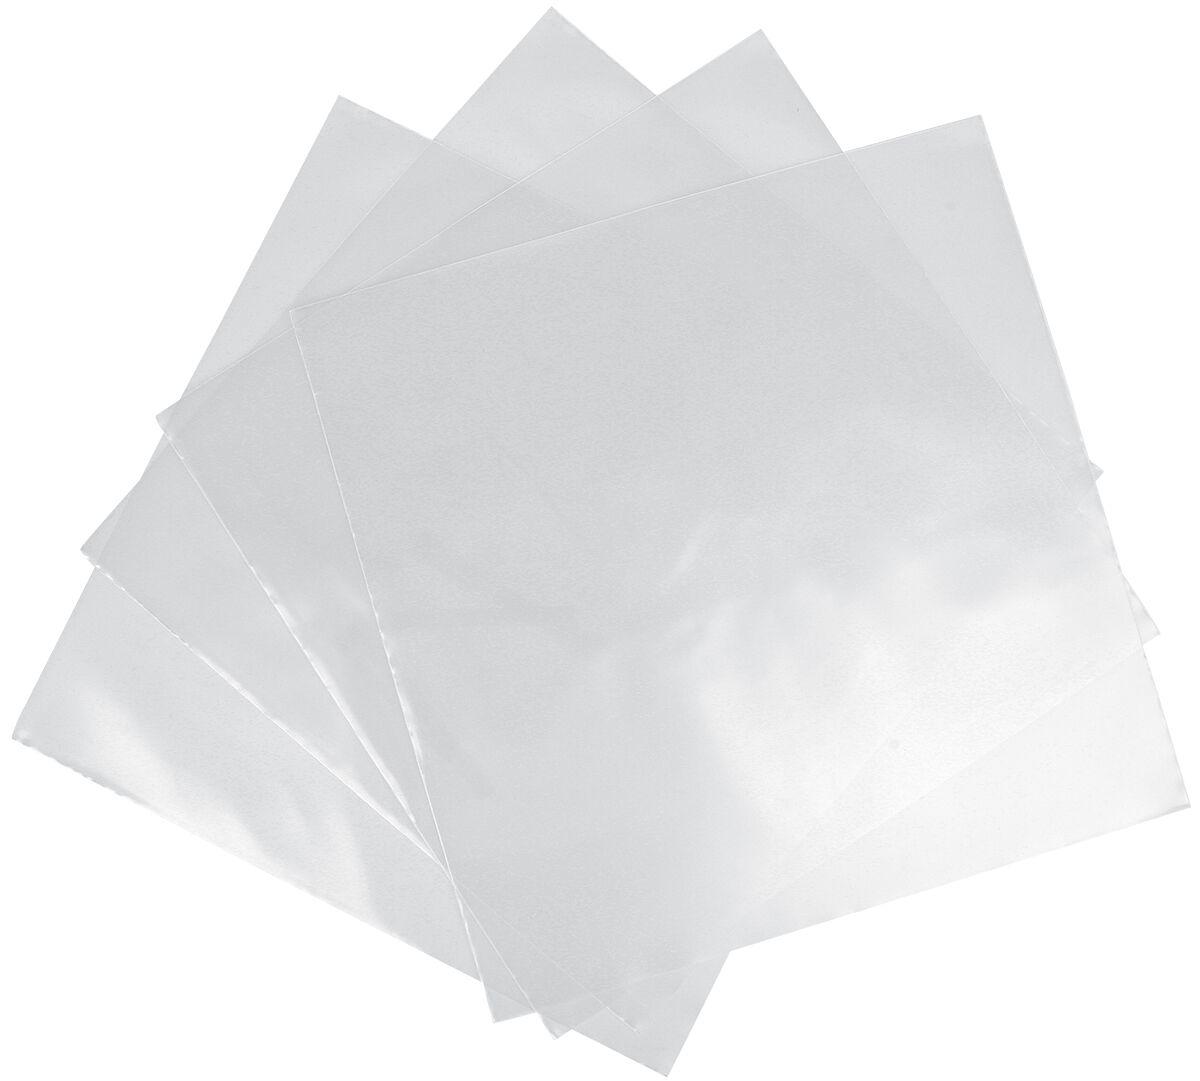 Vinyl-Schutzhüllen Slim (100 Stück)   Schutzhülle  Standard